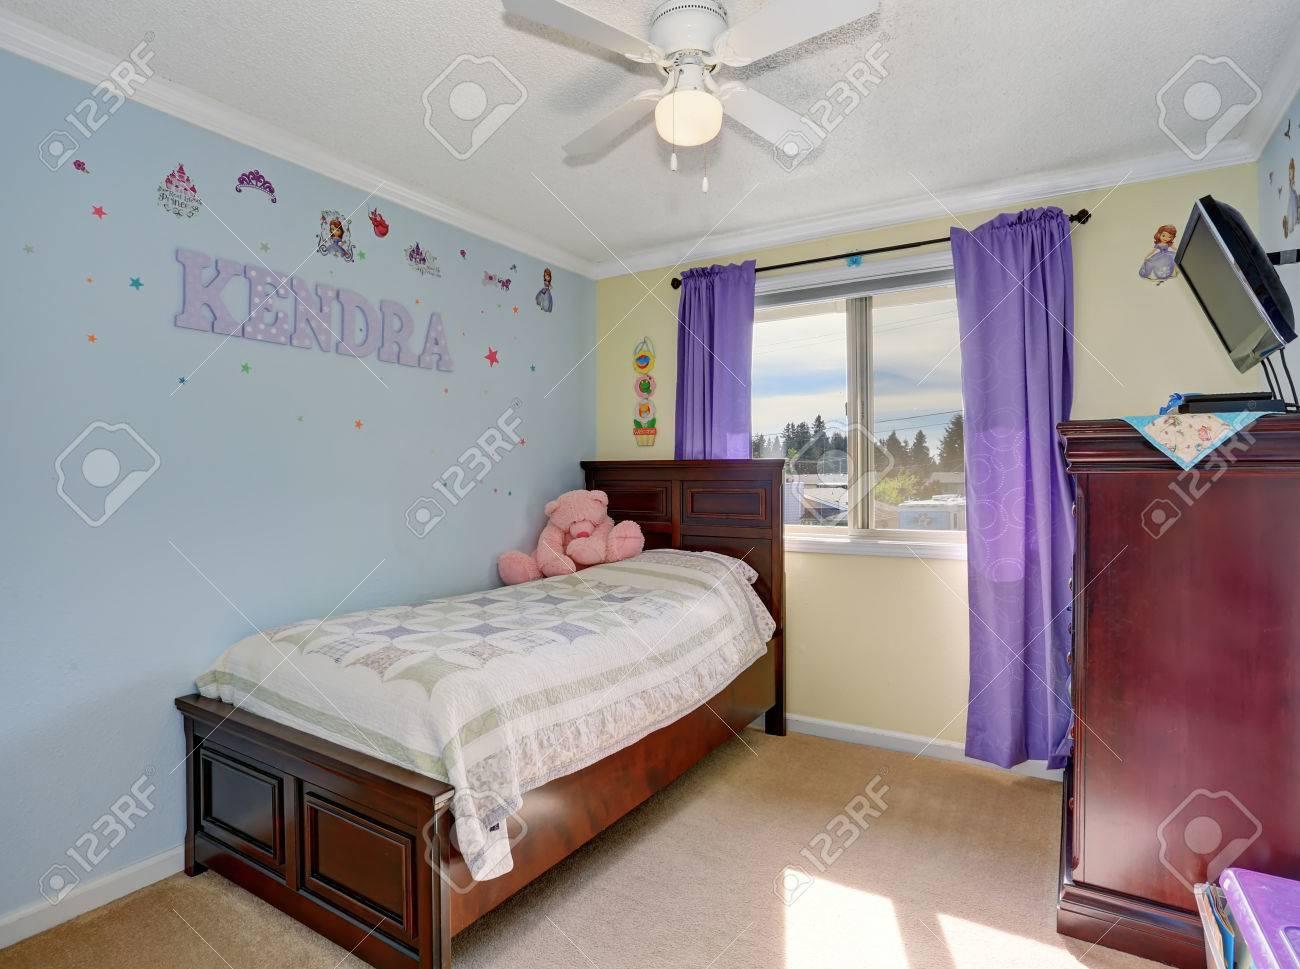 Schöne Kinder Zimmer In Pastell Blauen Und Gelben Farben Mit